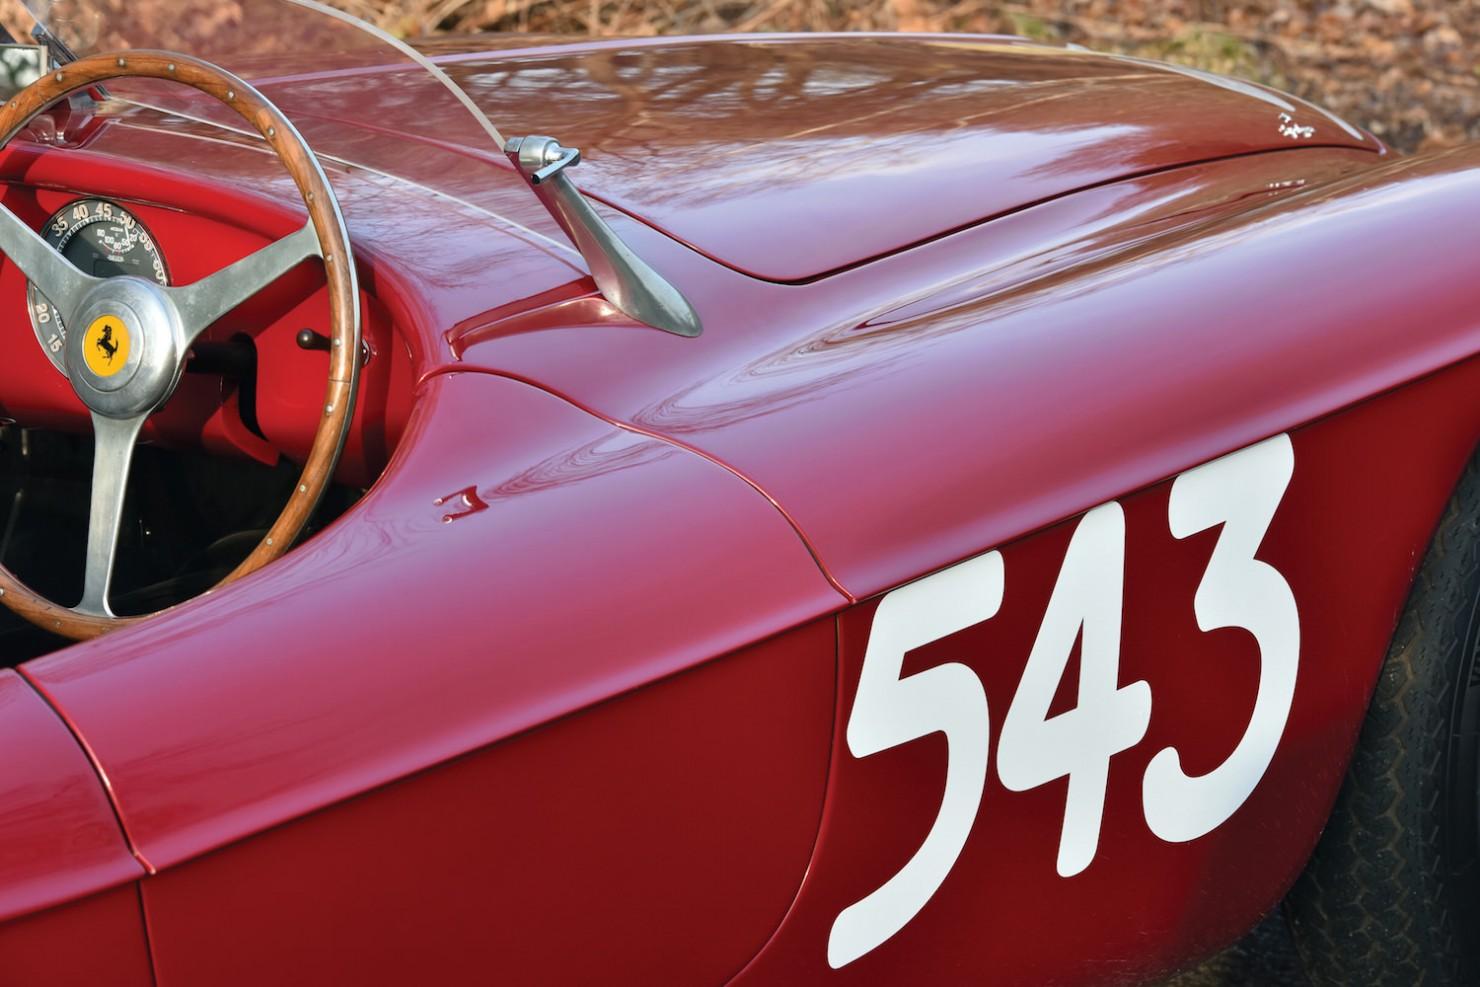 Ferrari-212-13